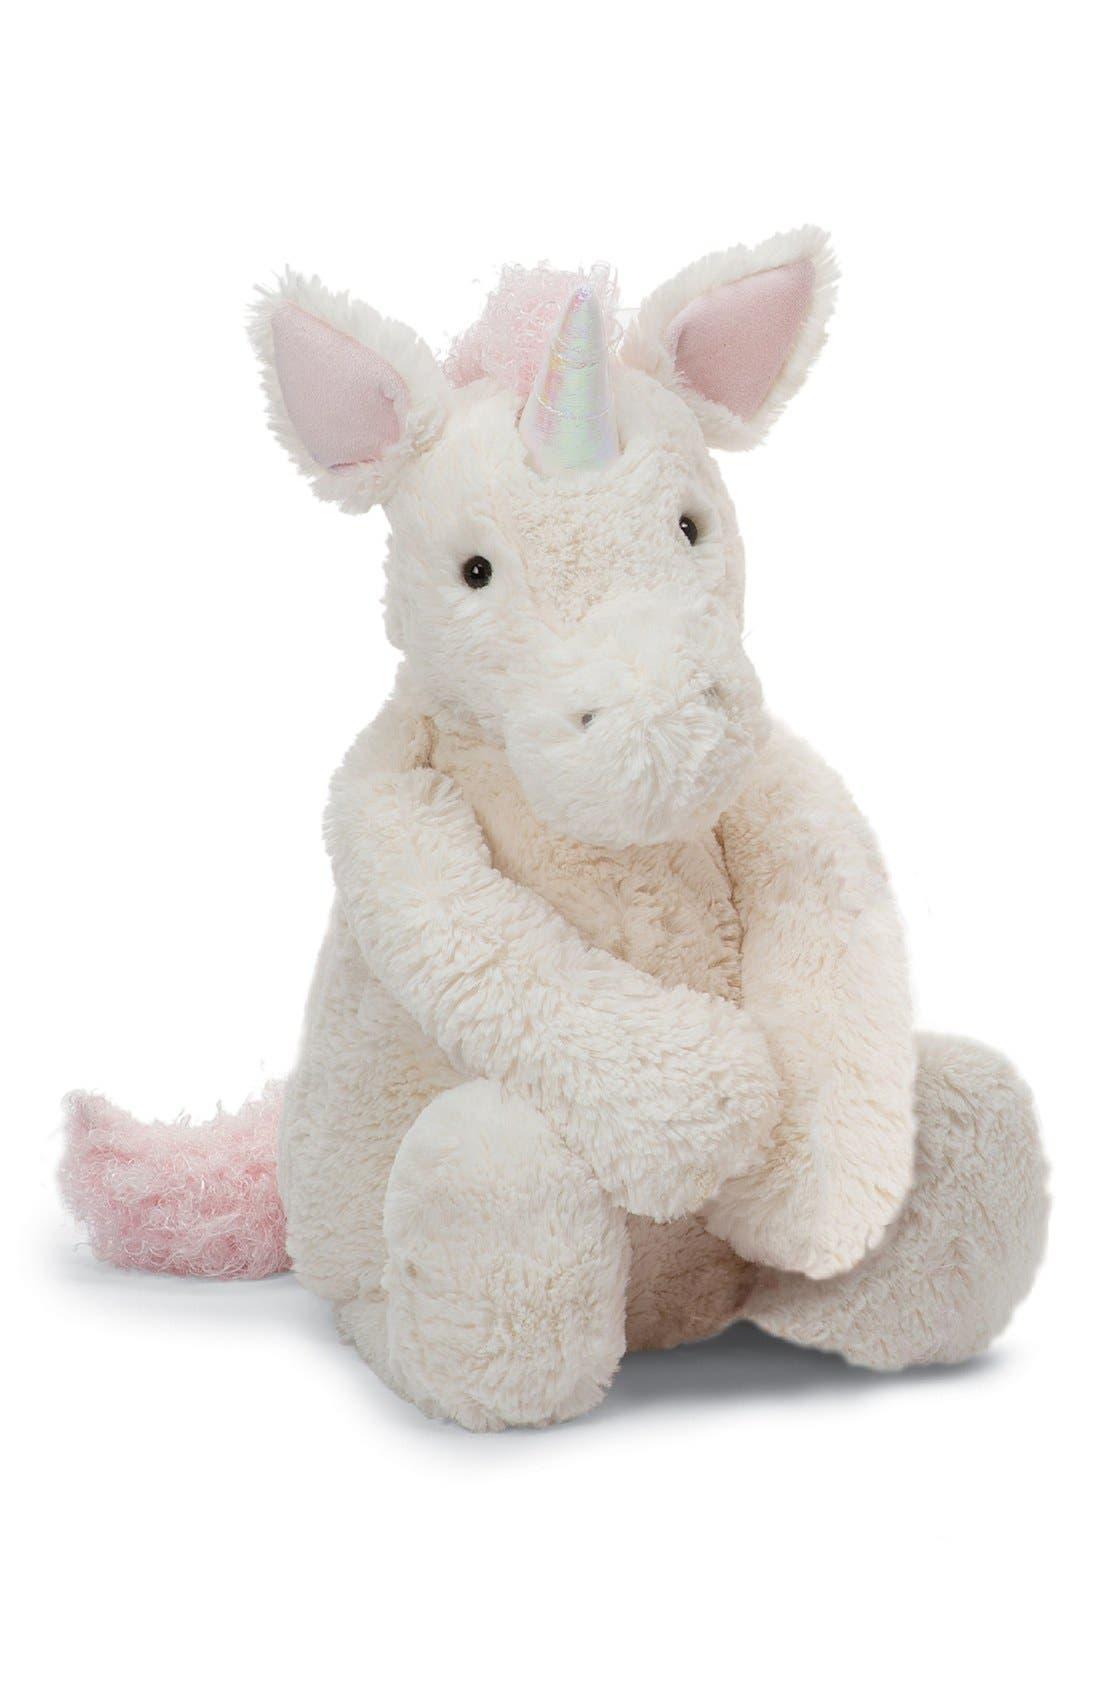 Jellycat 'Really Big Bashful Unicorn' Stuffed Animal